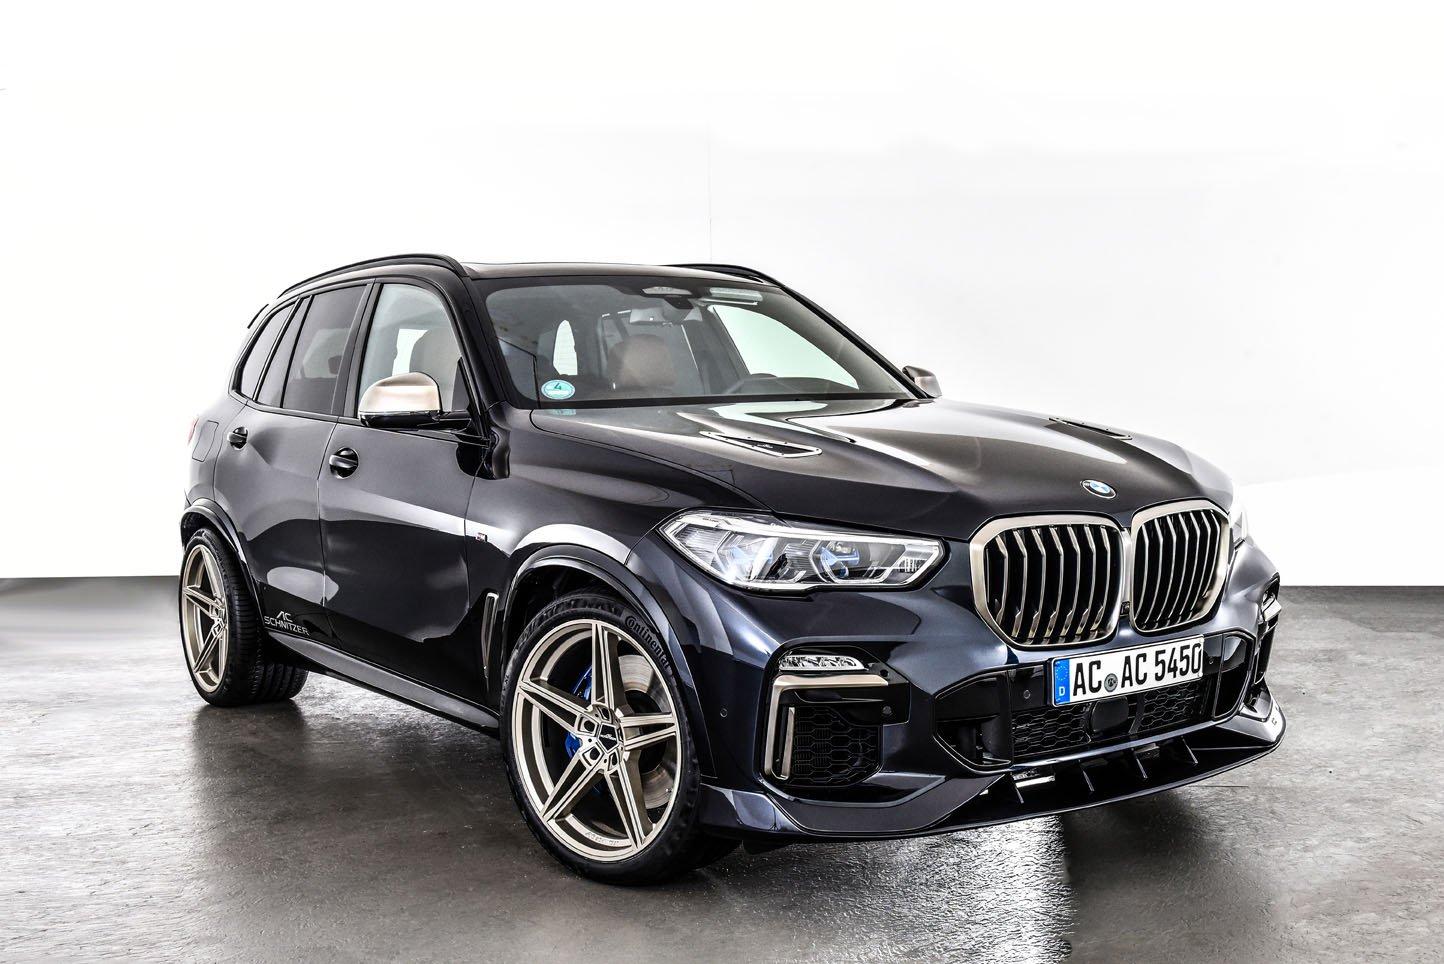 BMW-X5-by-AC-Schnitzer-2019-7